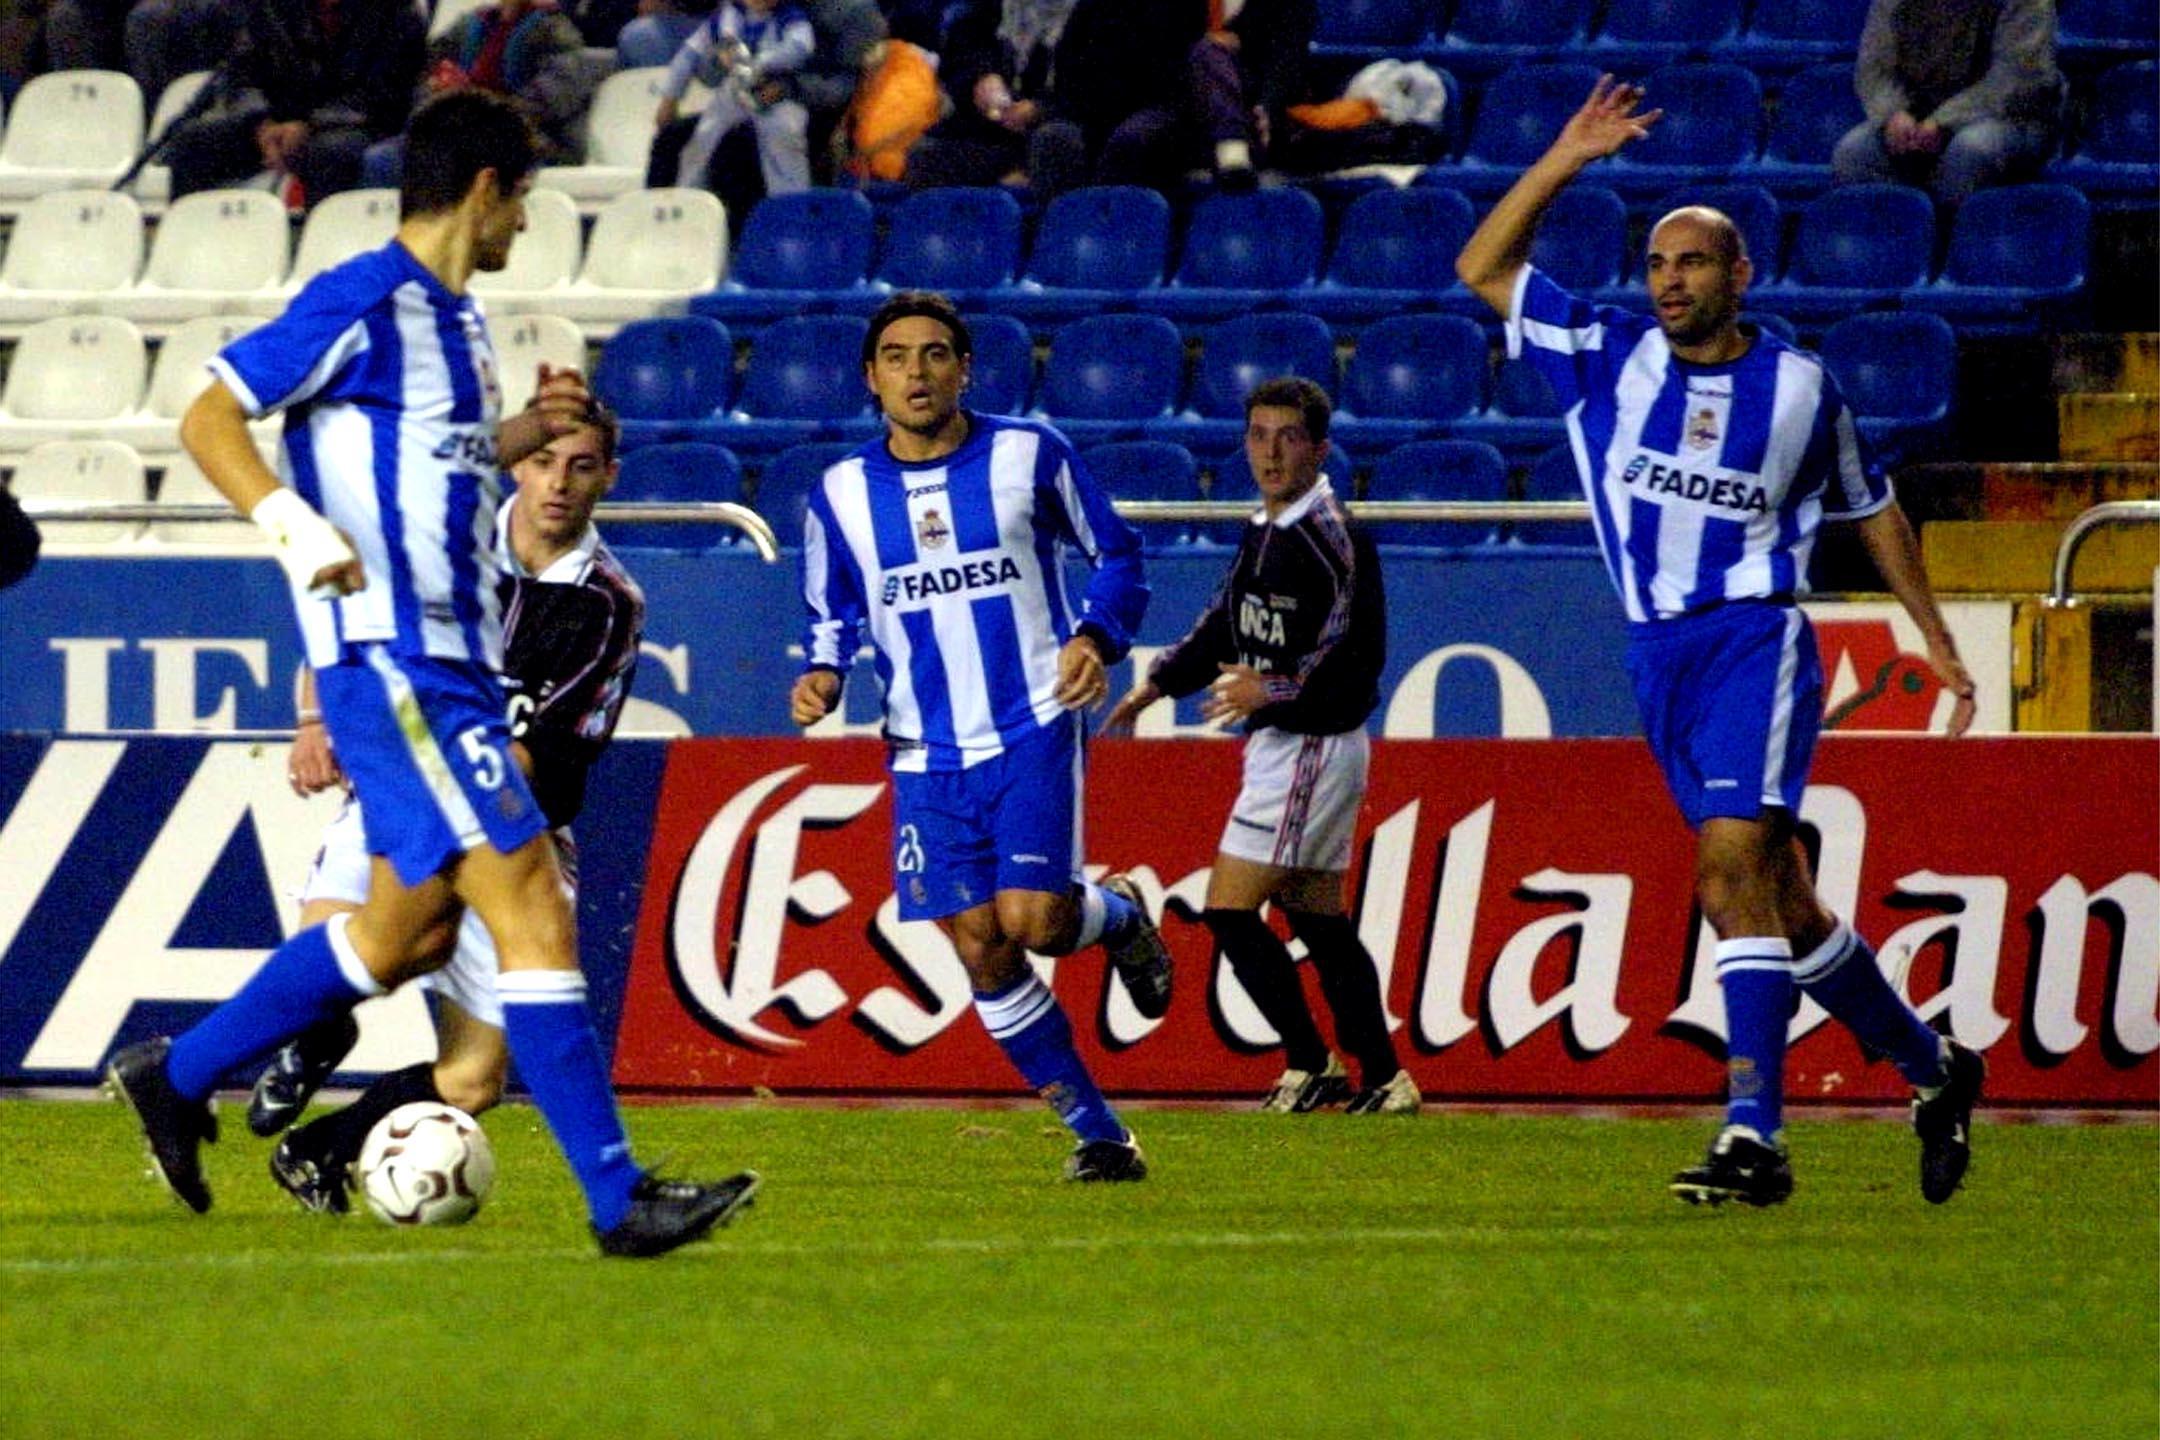 El Deportivo de La Coruña recibió en Riazor a un combinado de futbolistas de A Costa da Morte para disputar un partido benéfico <br>Ana García